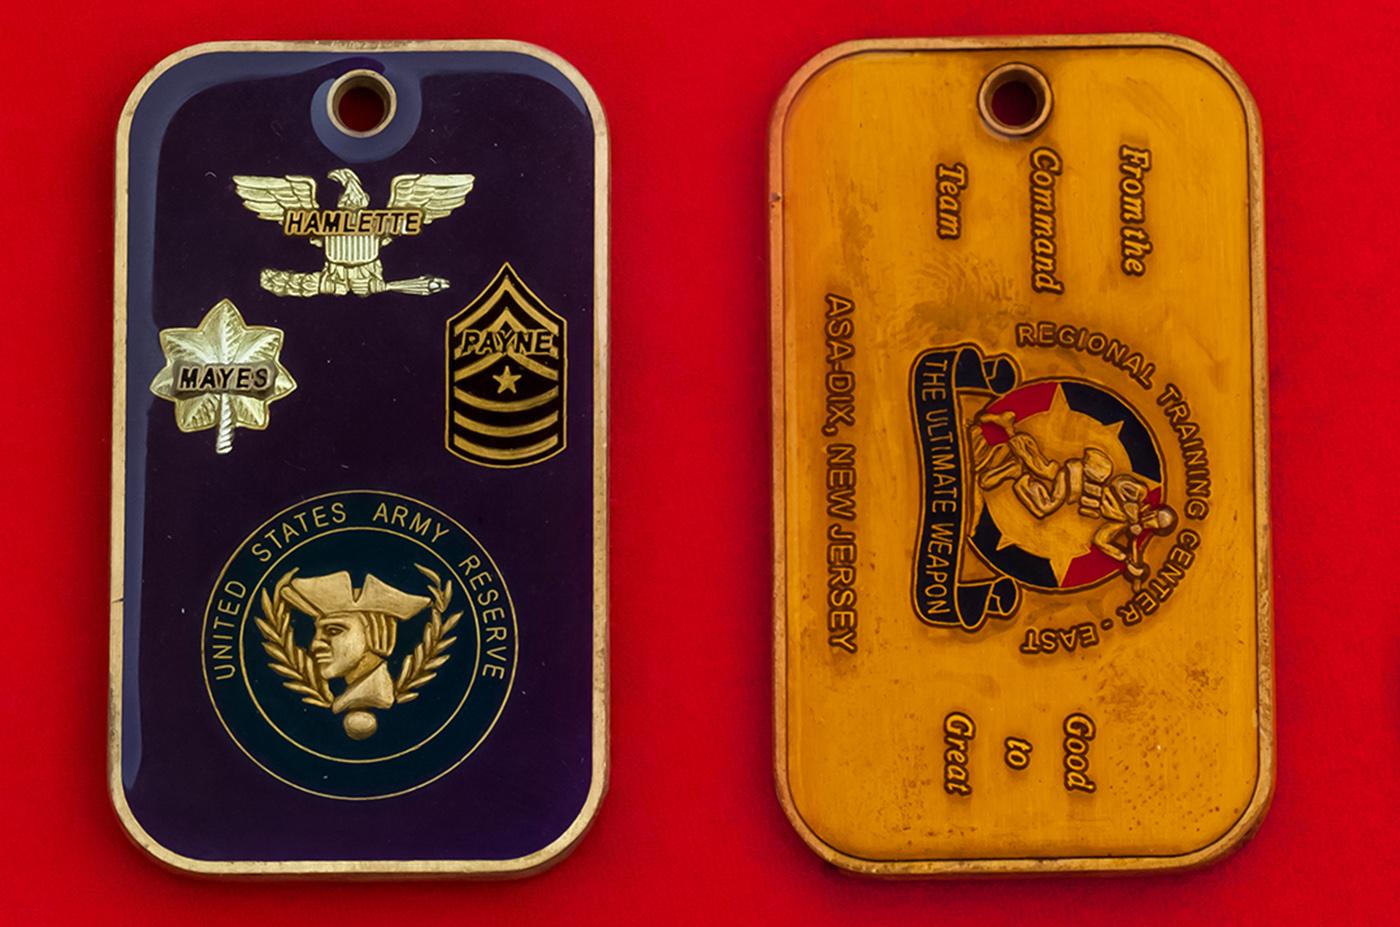 Армейские и военные жетоны по цене изготовителя